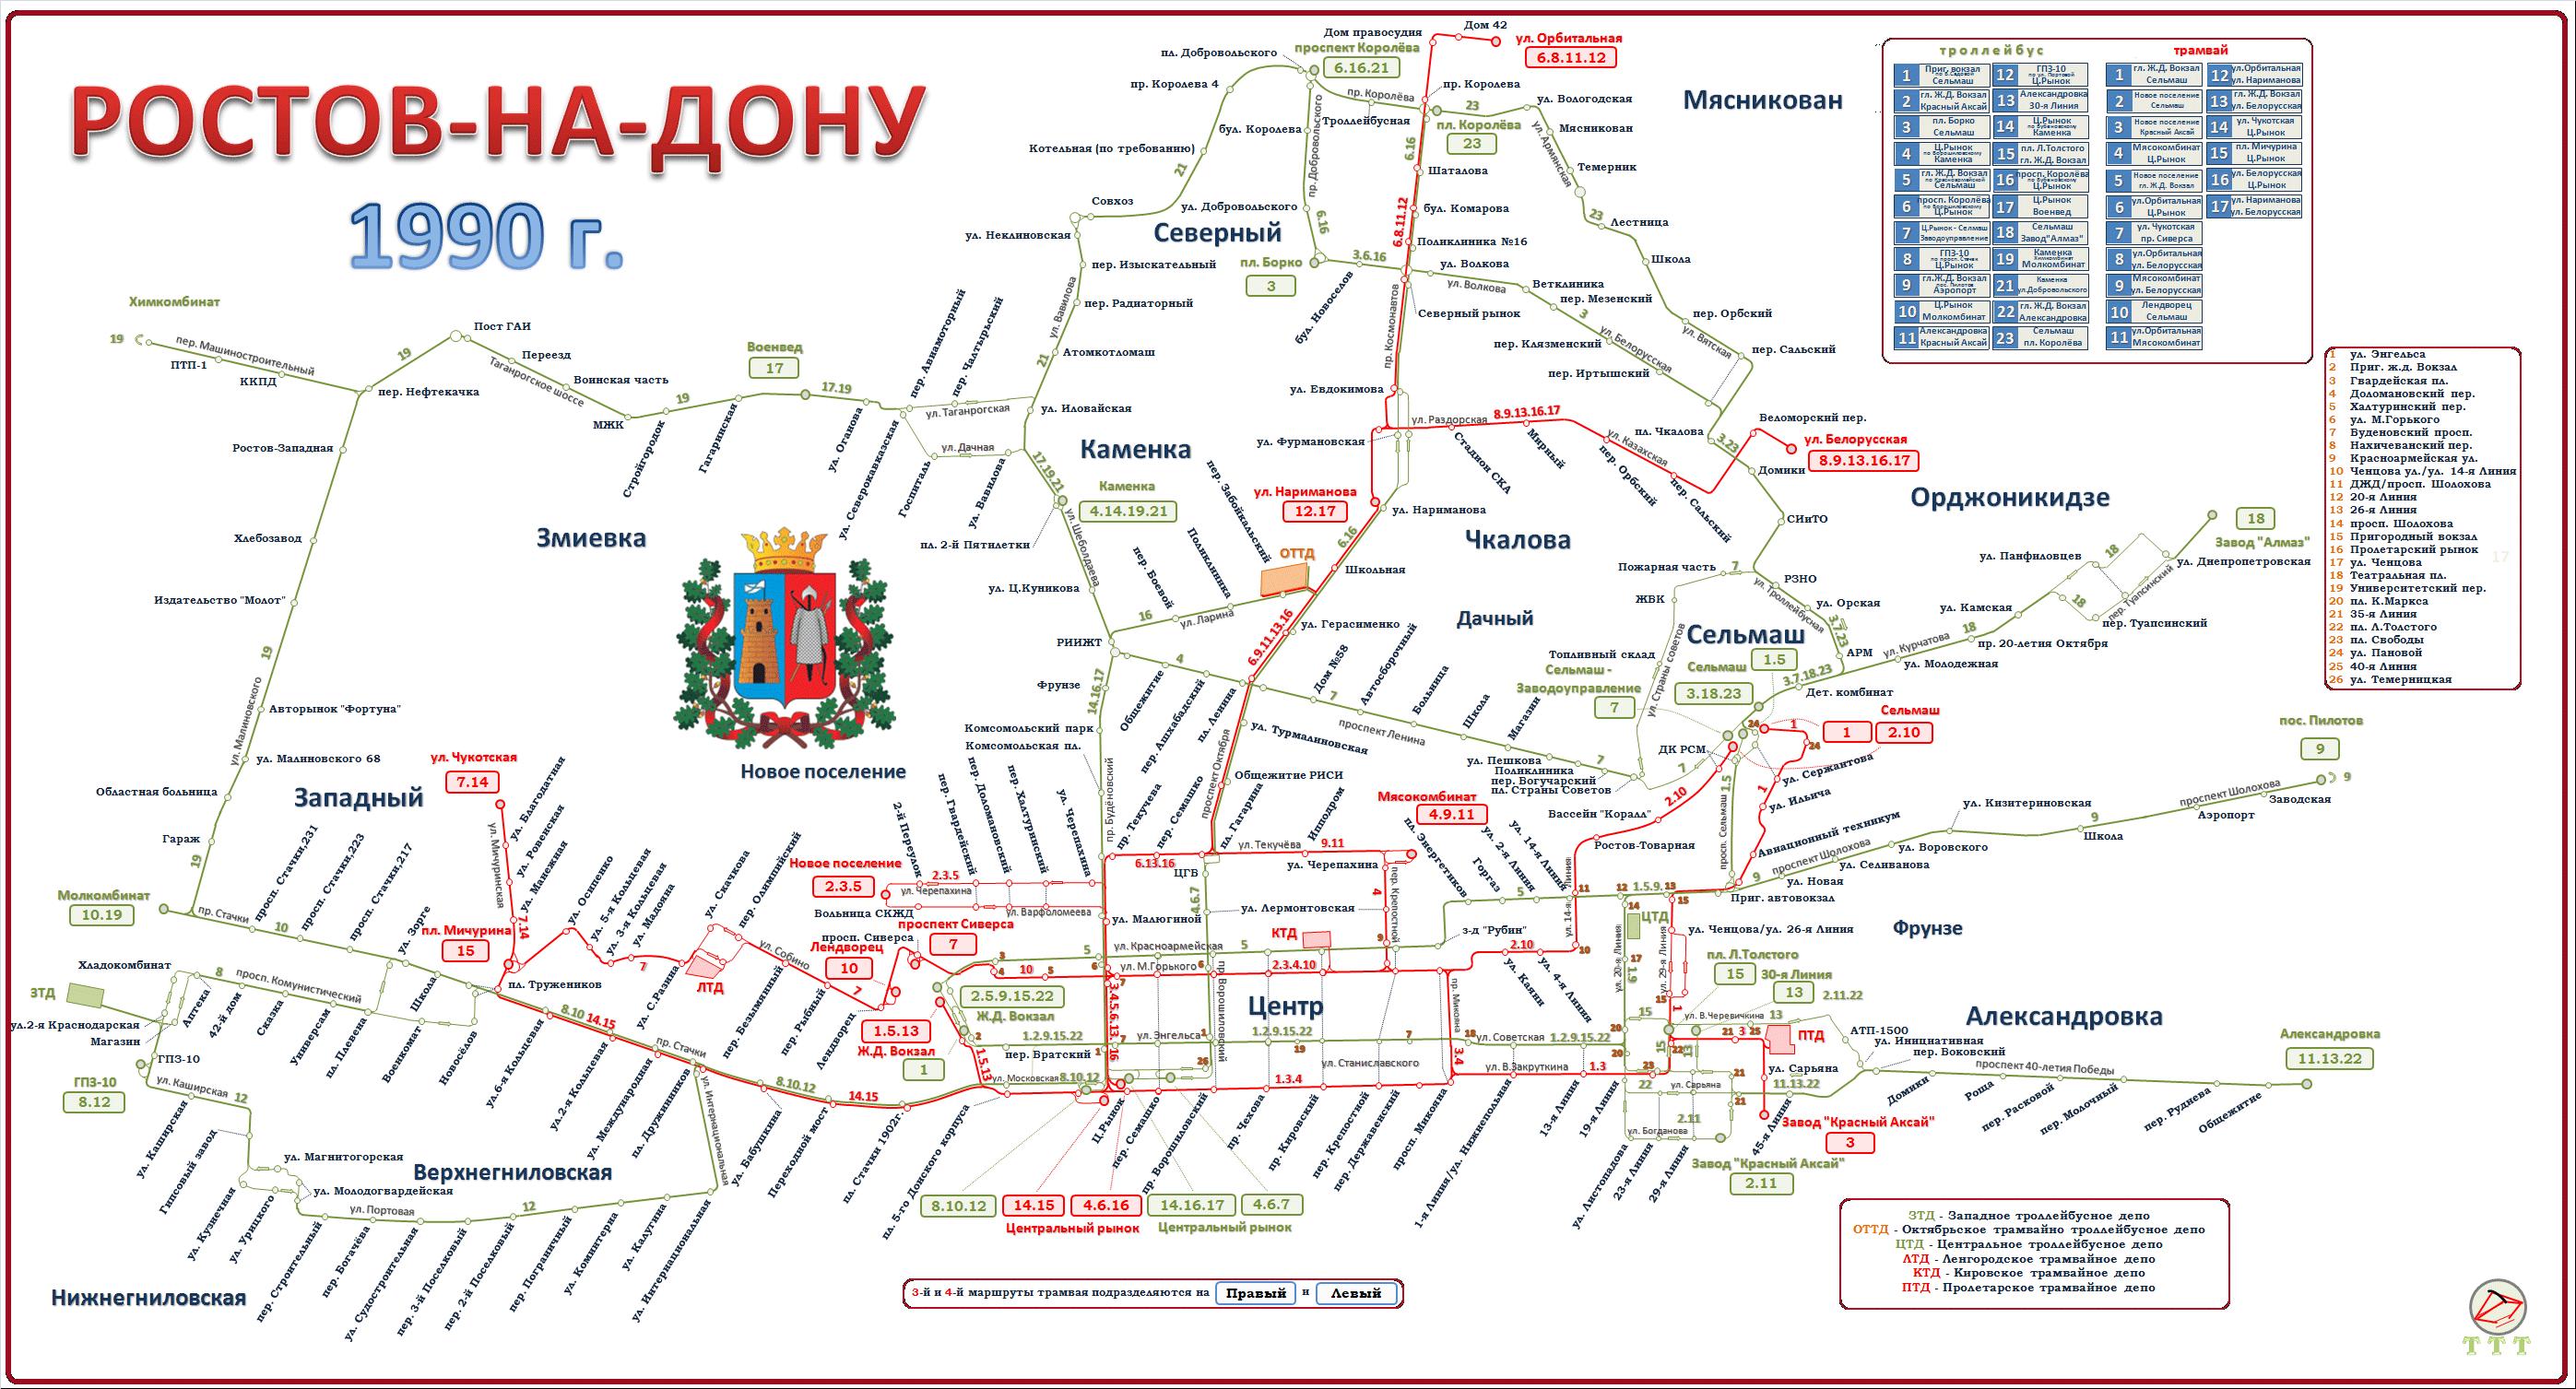 схема трамвайных остановок в магнитогорске